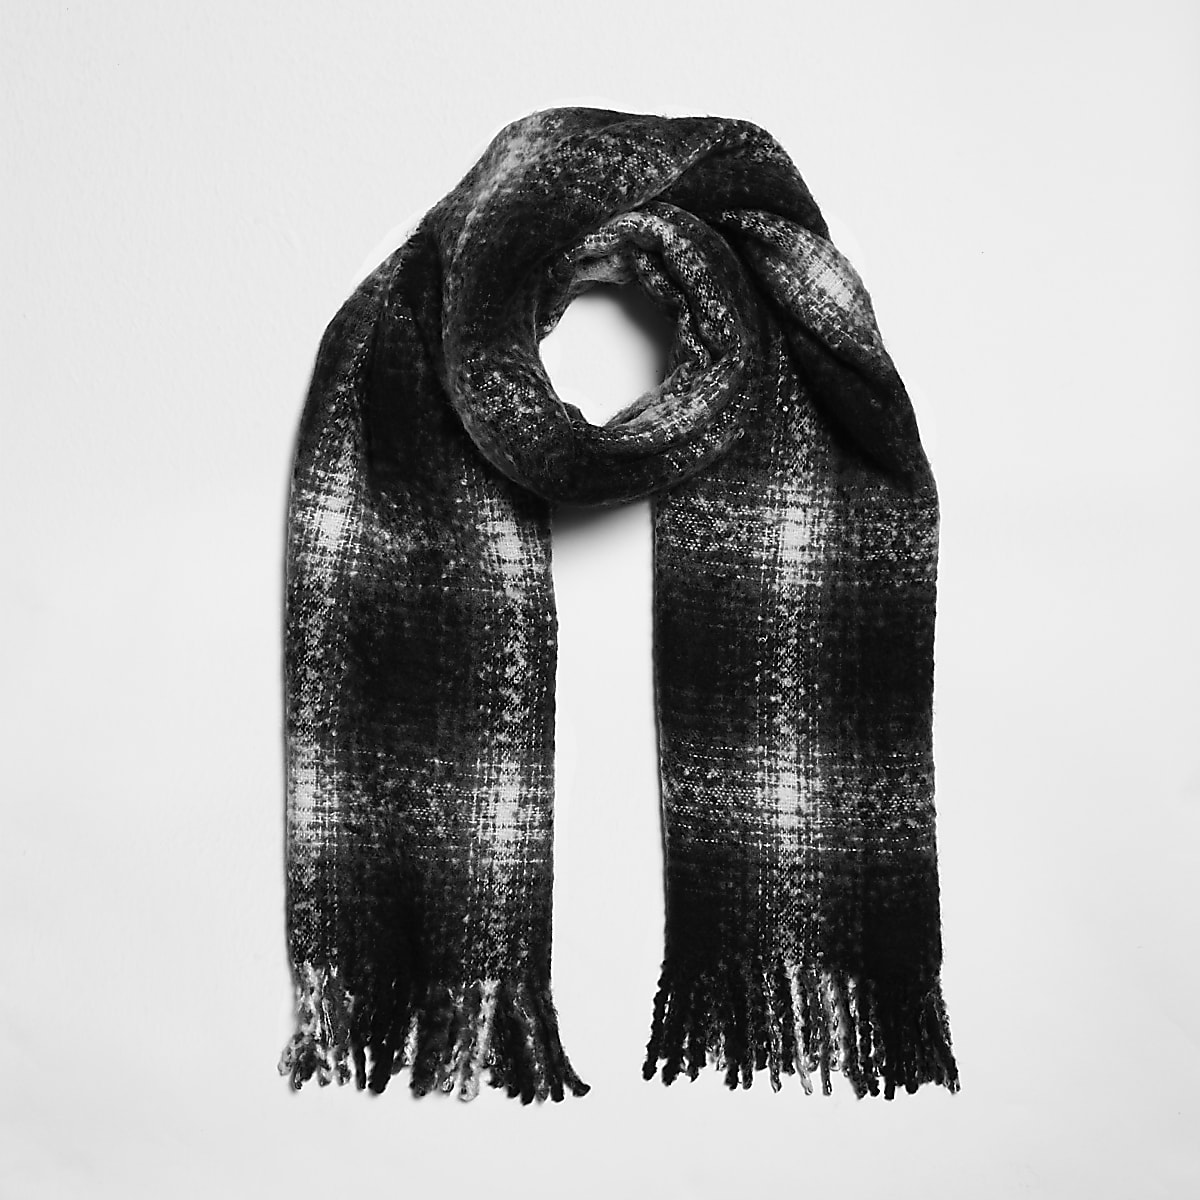 Zwarte geruite sjaal met schaduwprint